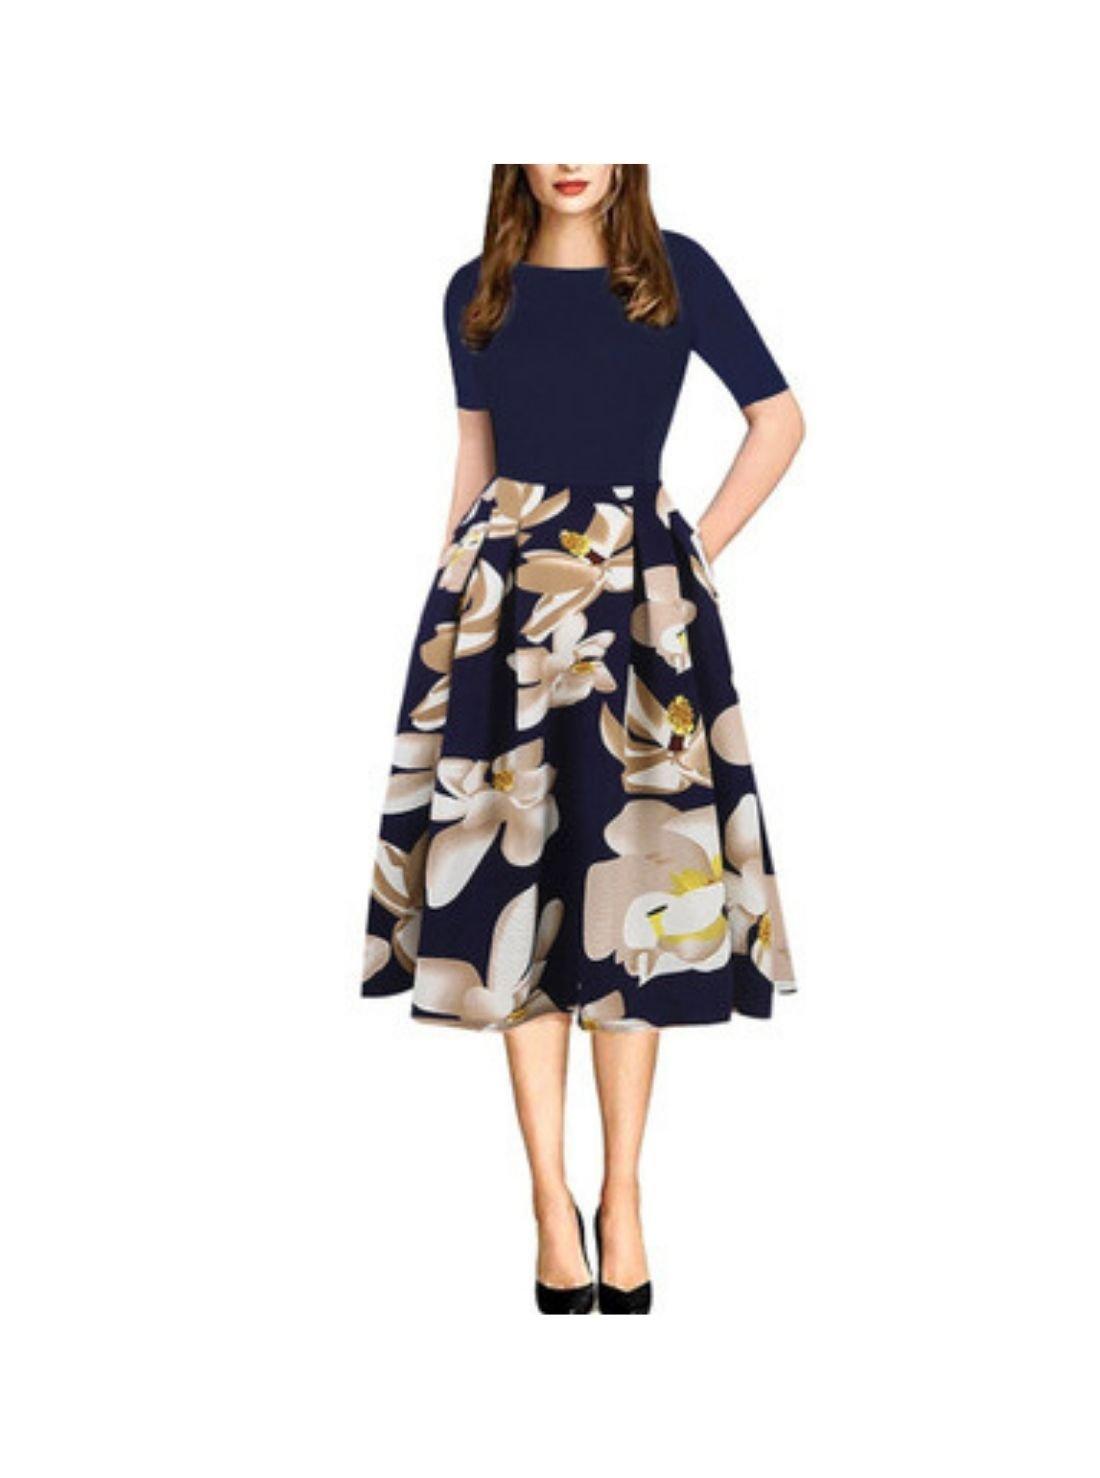 Wholesale Women's Vintage Patchwork Party Dress